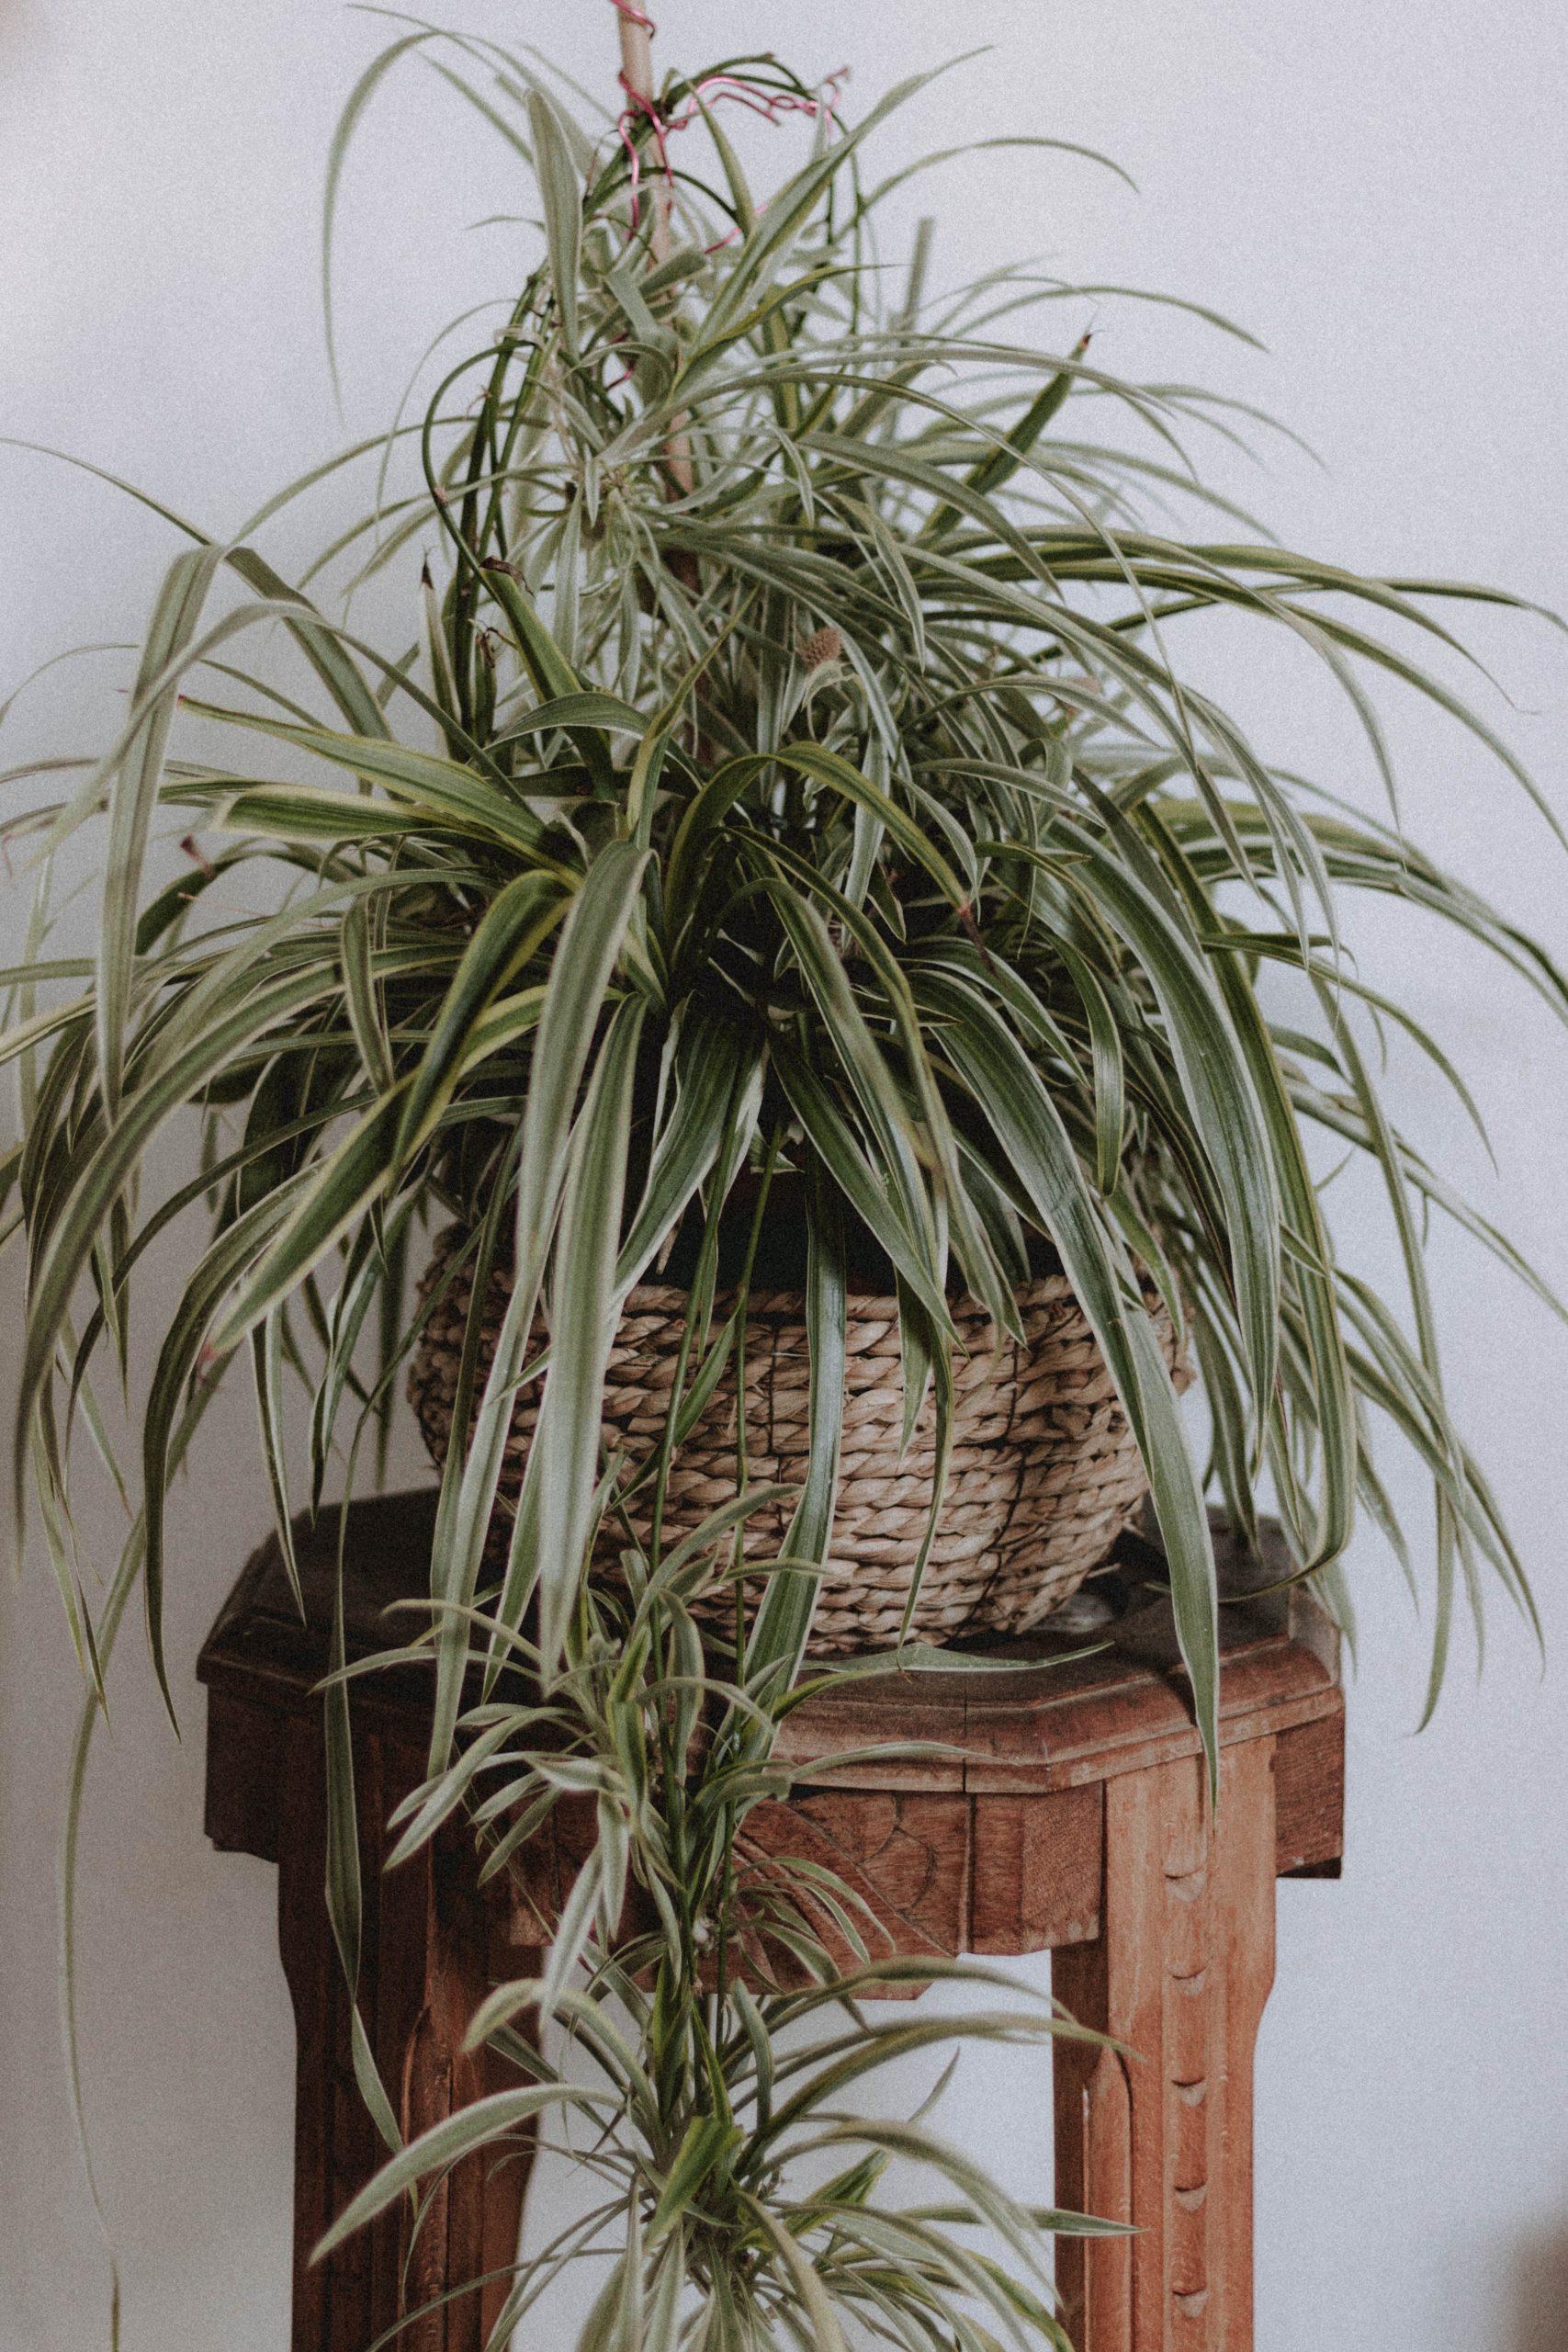 Agrémentez votre intérieur des plantes araignées permet de faire entrer un peu de nature chez vous.